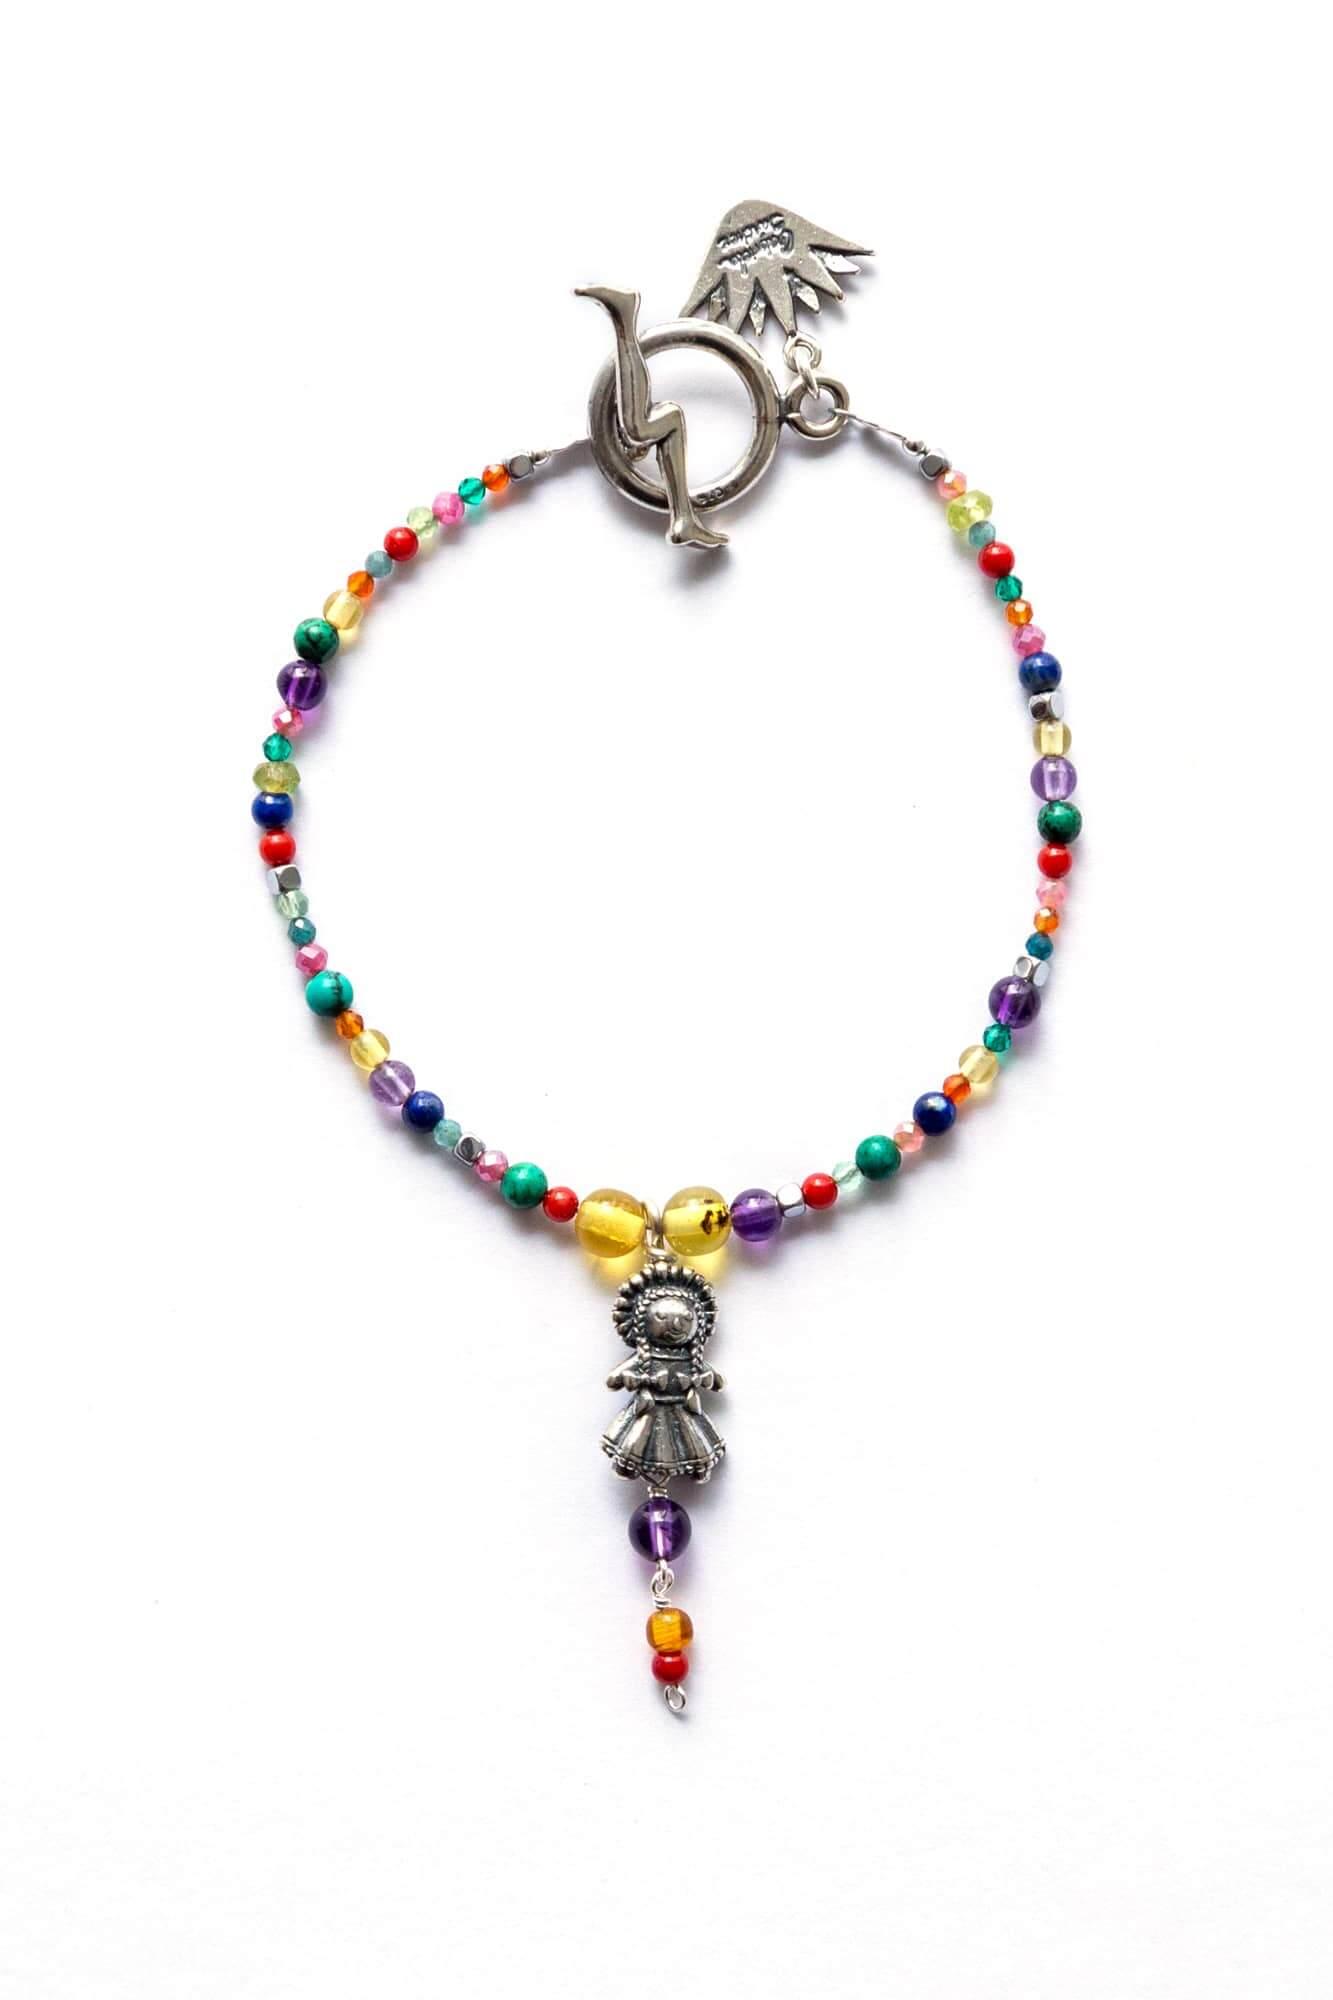 joyas mexicanas gabriela sanchez pulsera muneca mini y piedras de colores pulsera gabriela sanchez